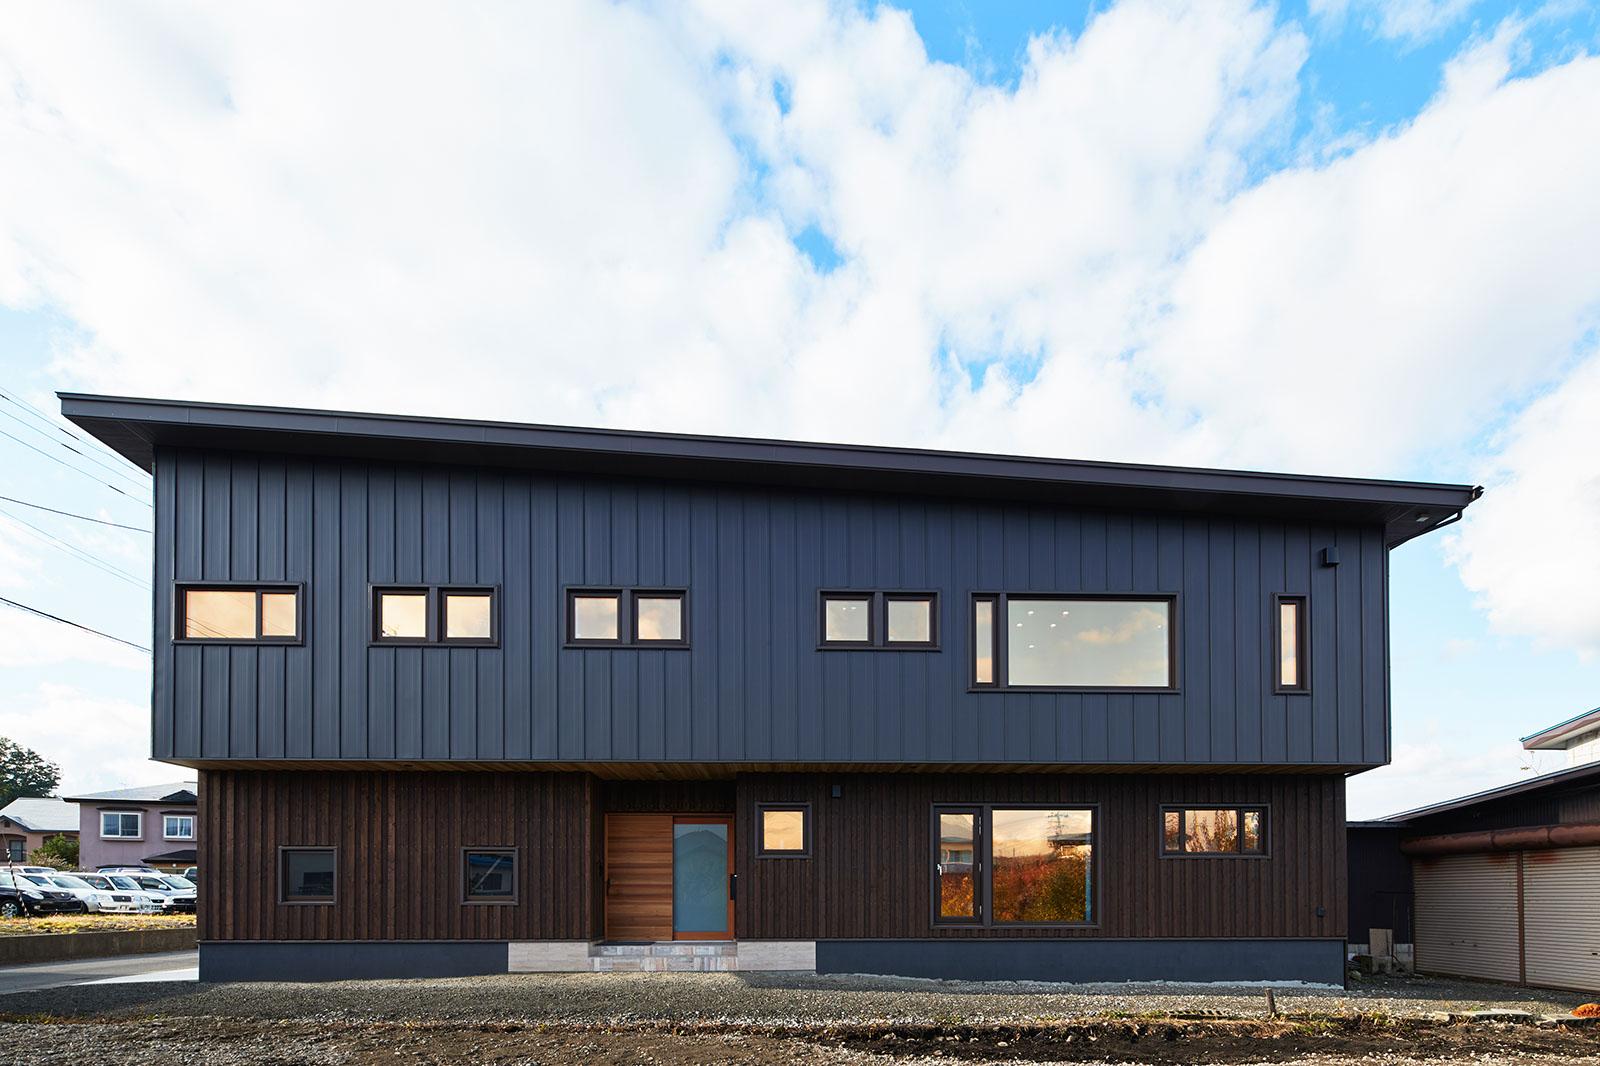 横に長い形状のHさん宅。外観は、2階のガルバリウム鋼板と1階のスギ板張りの対比が美しい